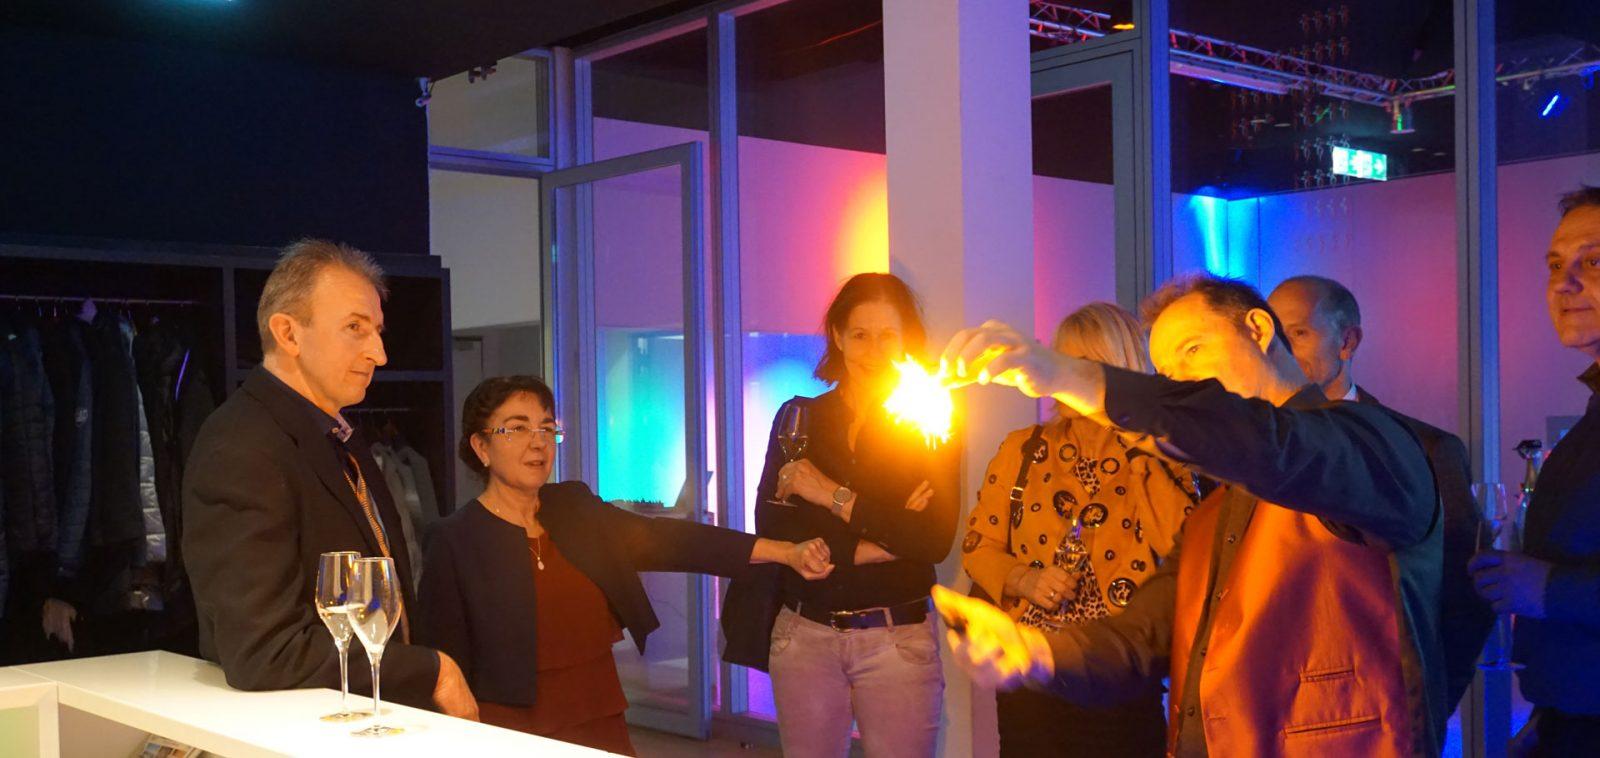 Tischzauberer in Stuttgart, close up Zauberer, Table hopping - Geburtstag, Hochzeit, Firmenfeier mit den Tischzauberer Stuttgart auch zur Weihnachtsfeier und Sommerfest.